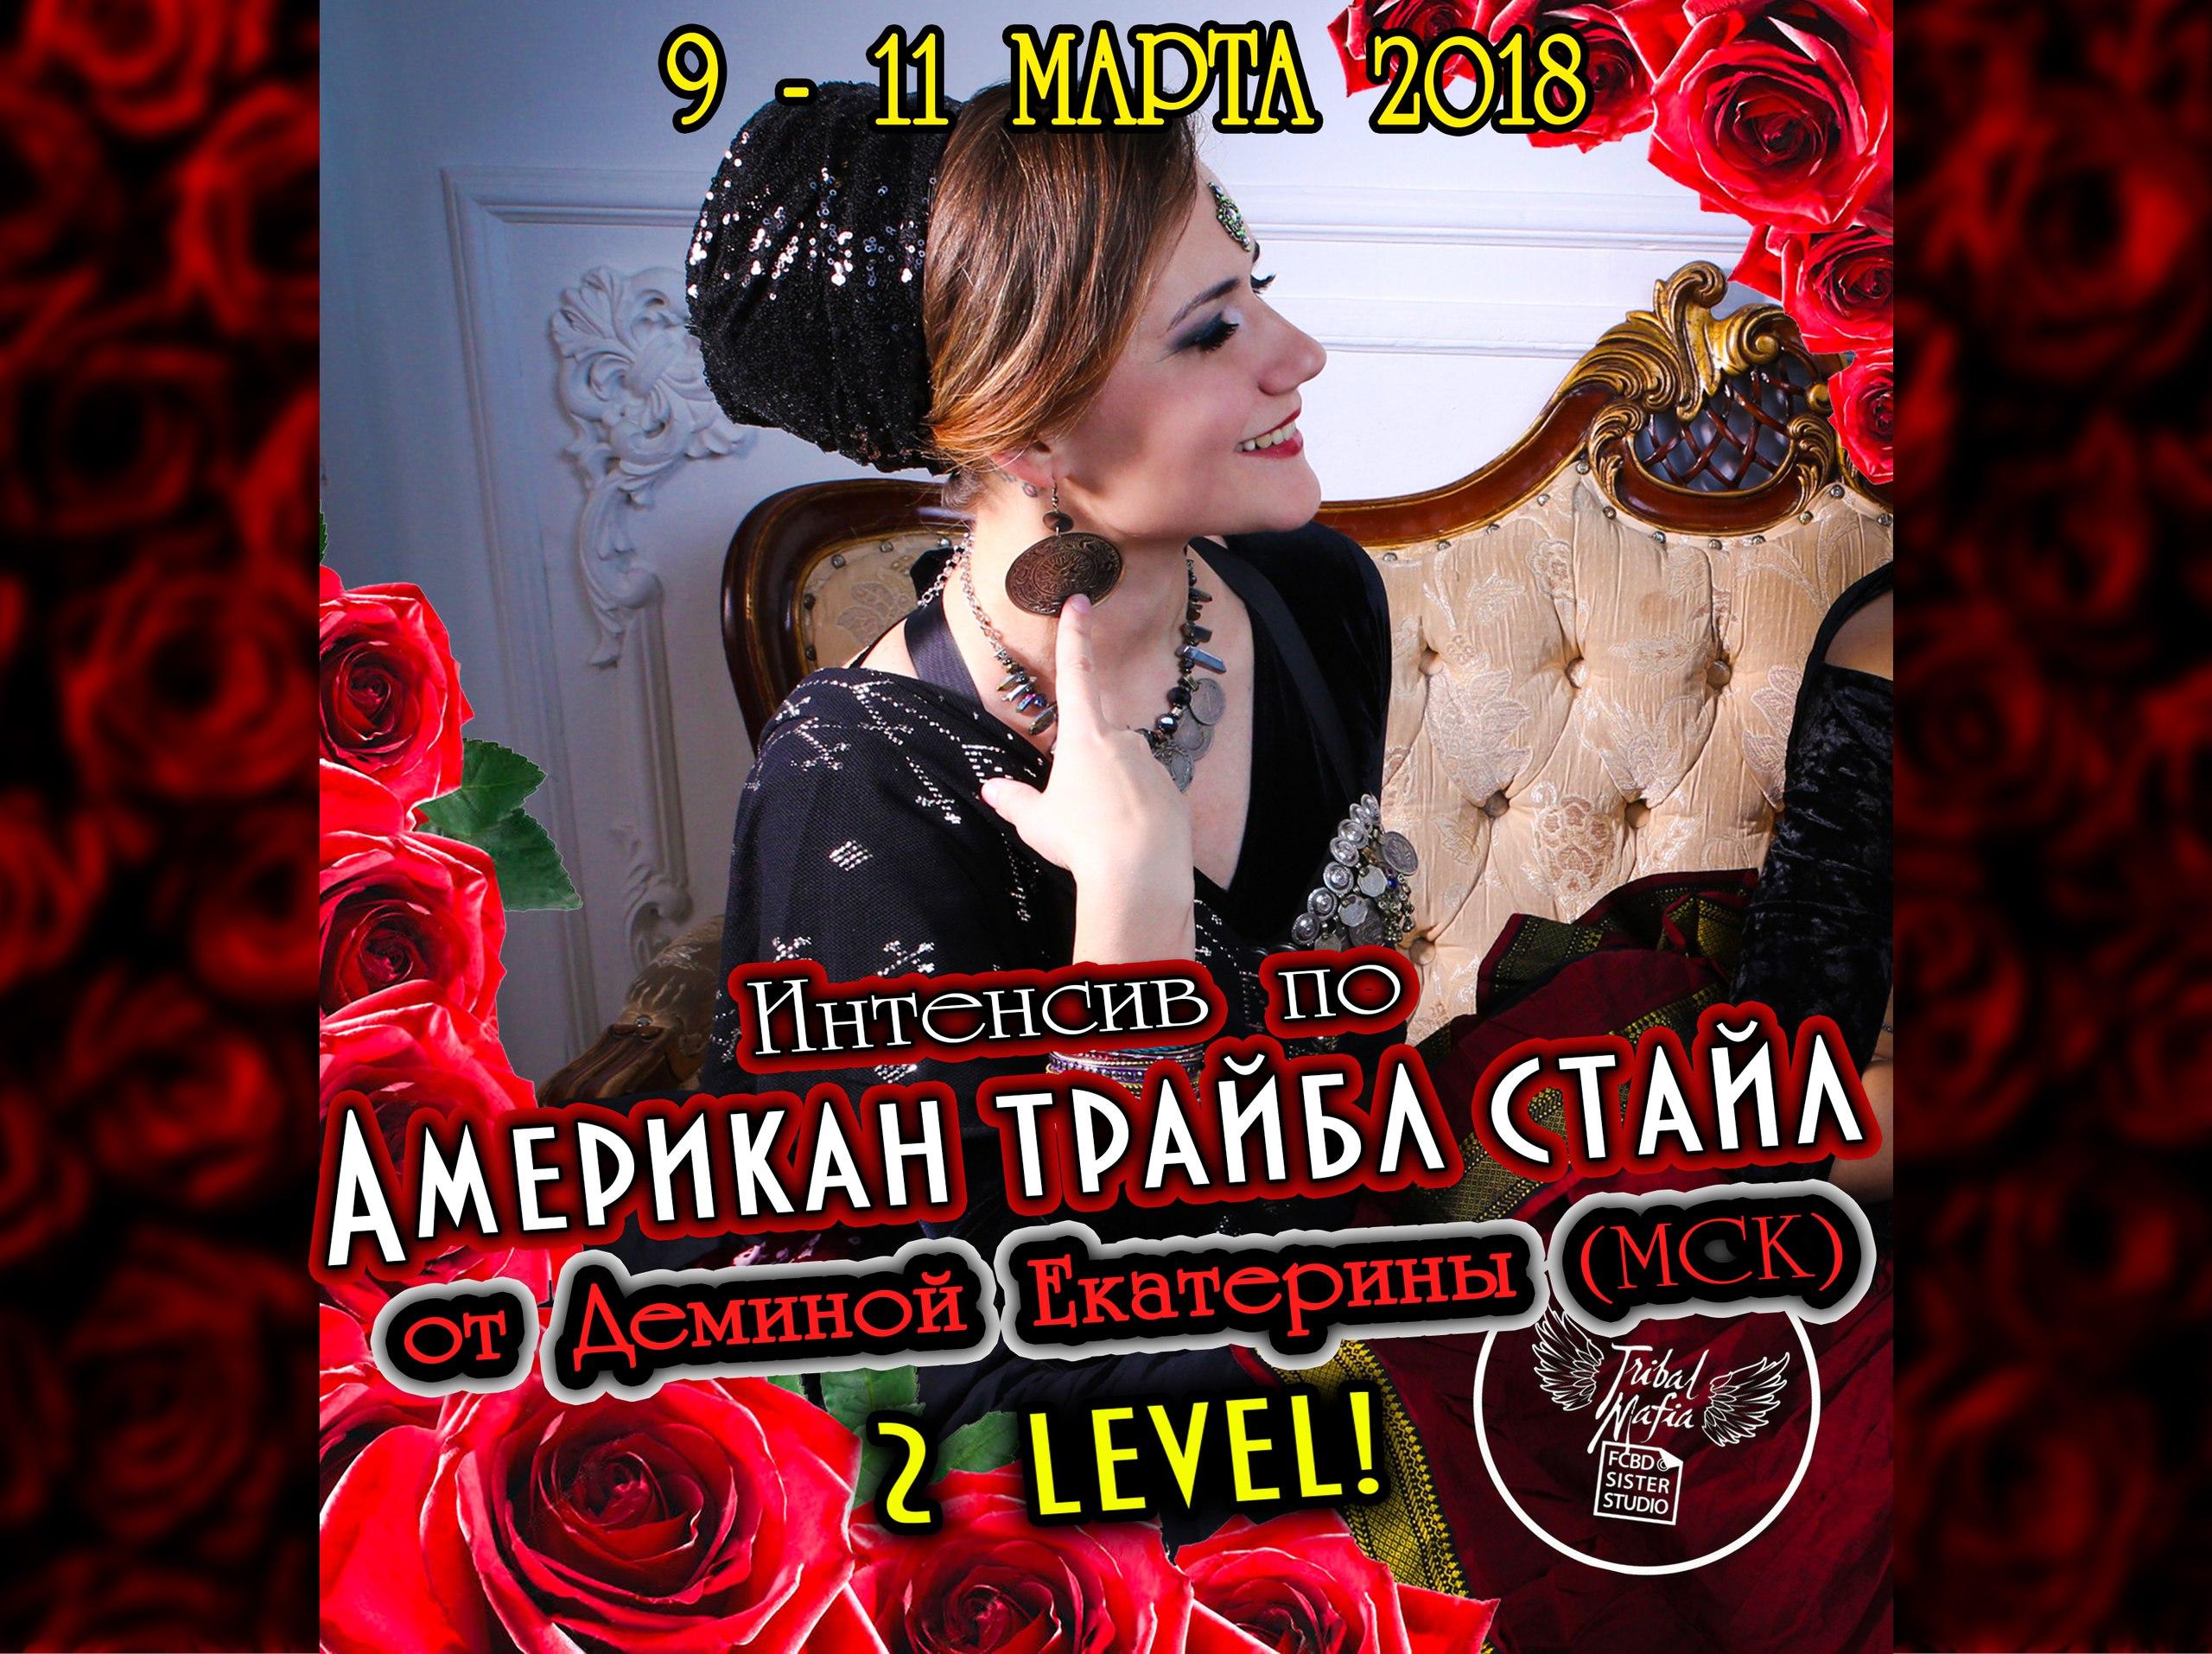 АТС интенсив - 2 Level с Деминой Екатериной